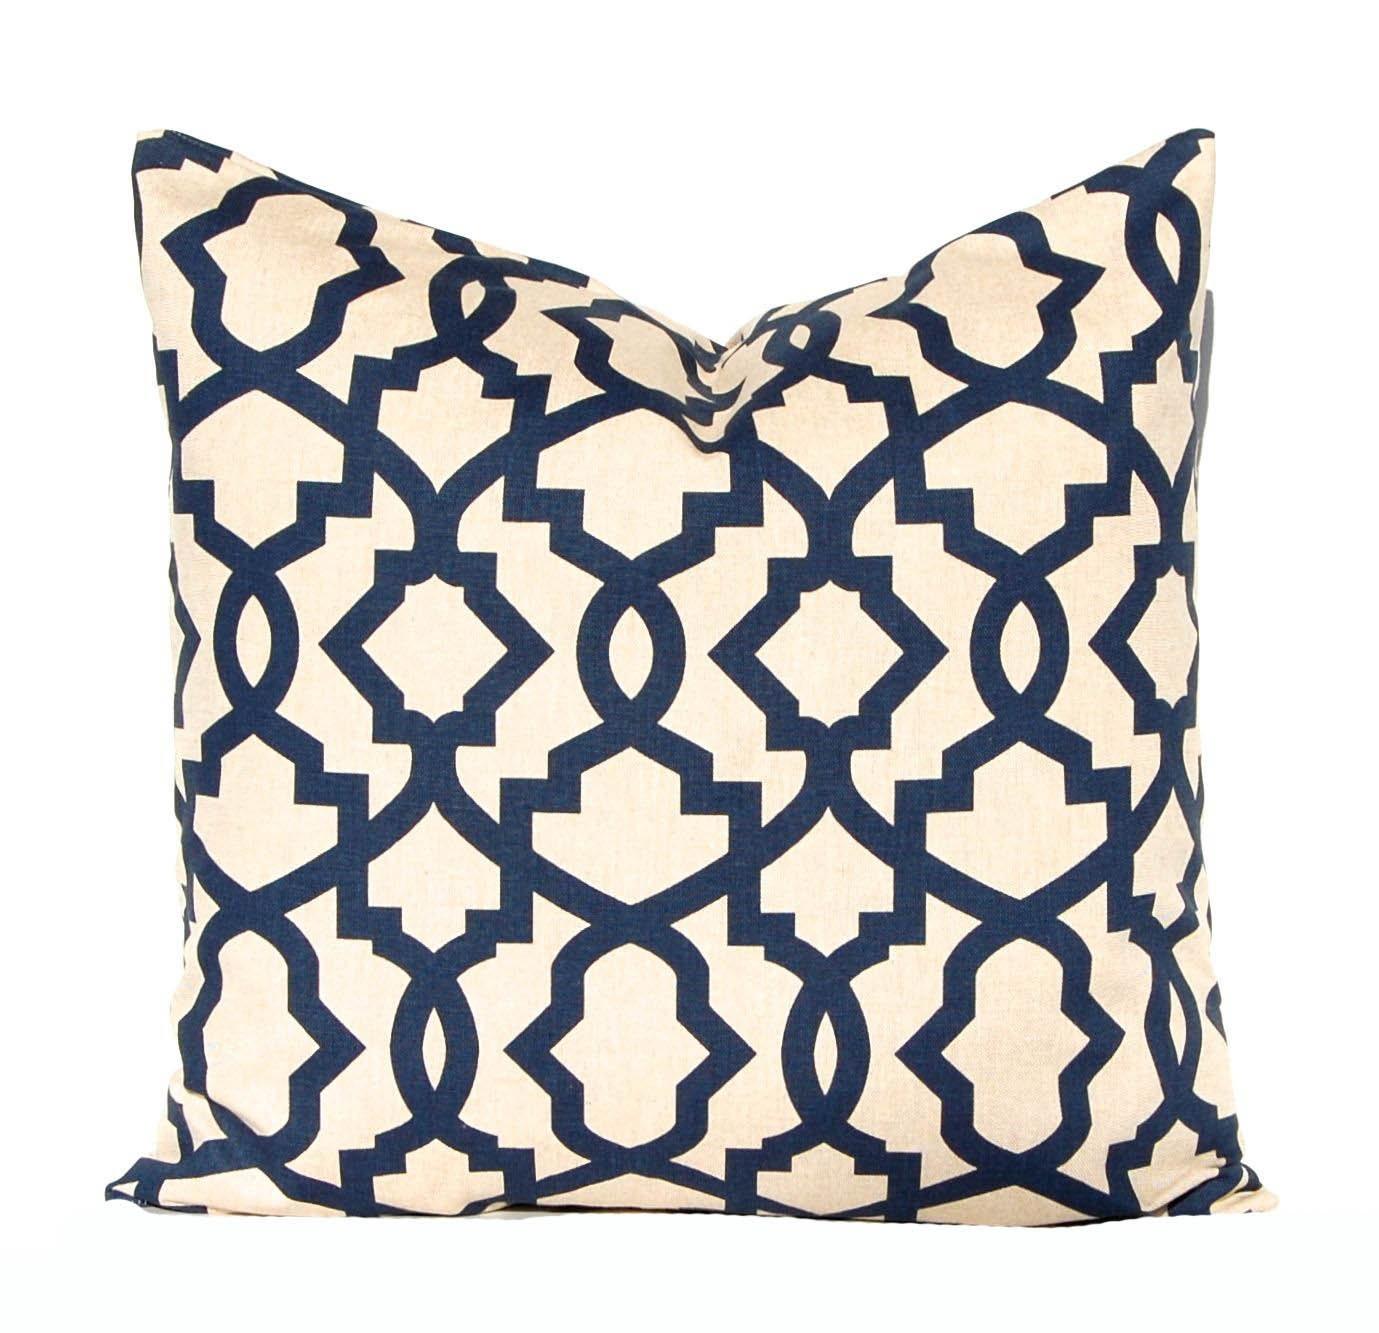 Euro Sham Navy Blue Pillow Covers Linen by CompanyTwentySix